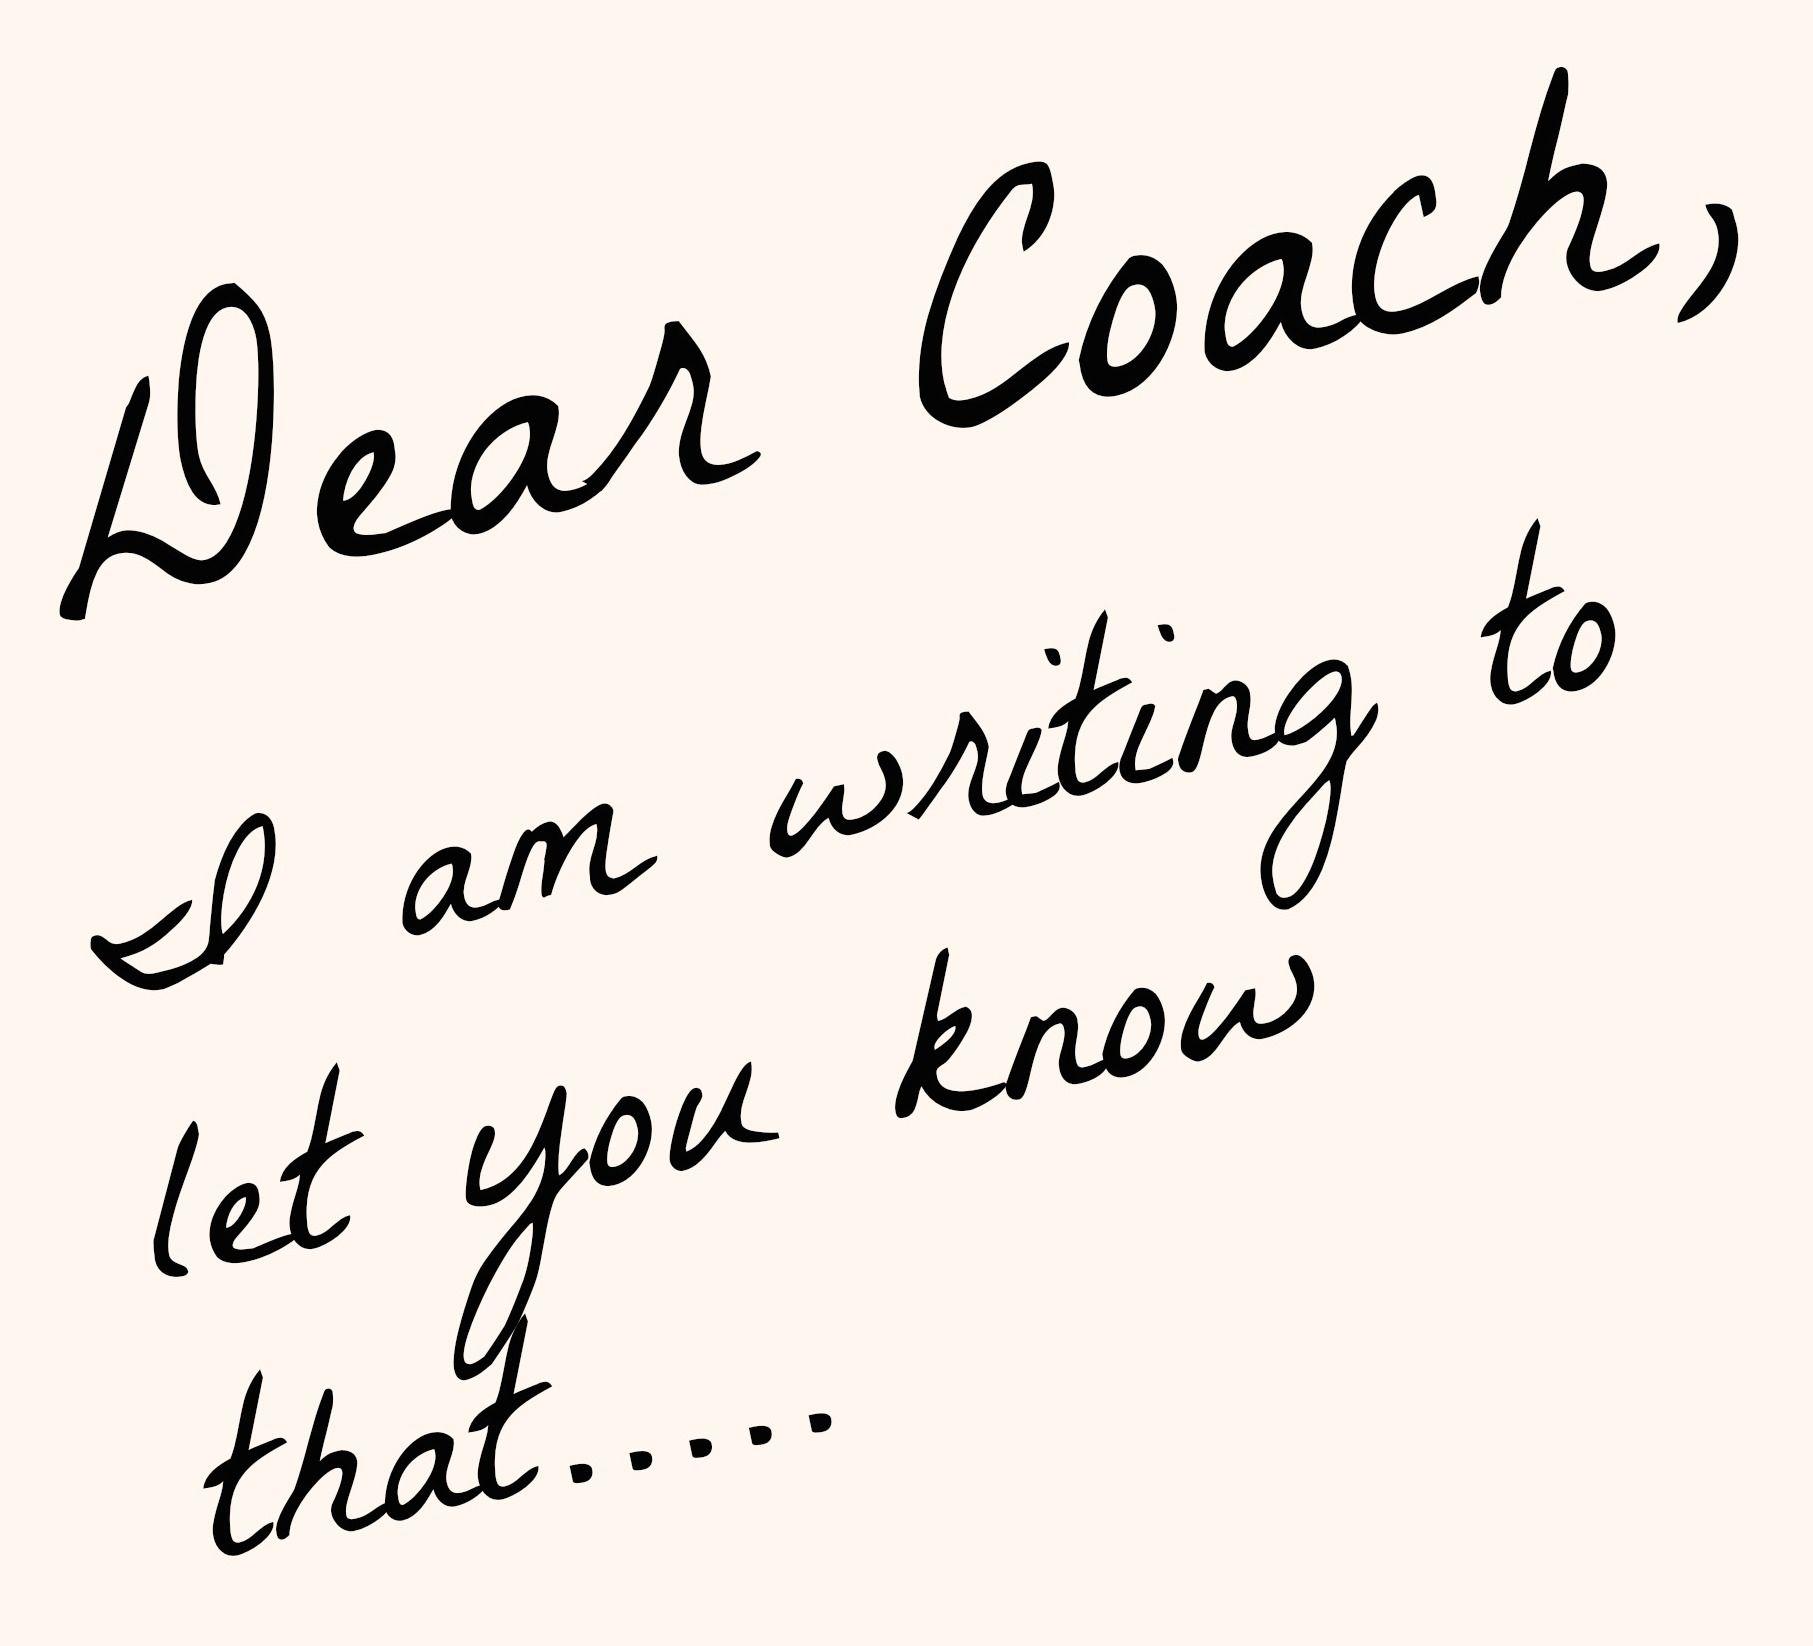 dear coach thank you coach pinterest open letter